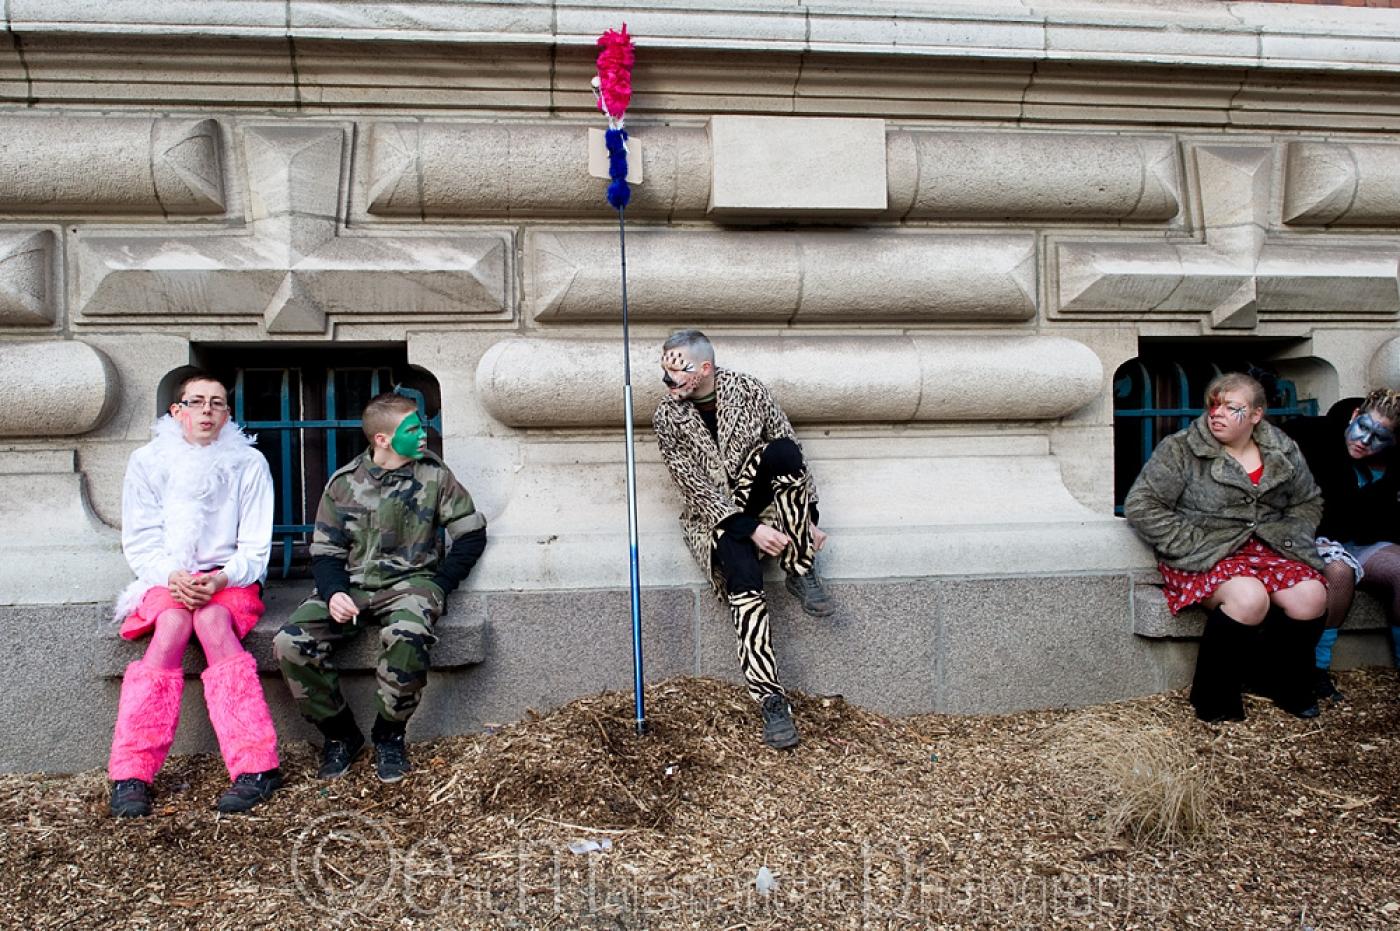 http://www.ericmalemanche.com/imagess/topics/carnaval-de-dunkerque/liste/Carnaval-Dunkerque-0165.jpg